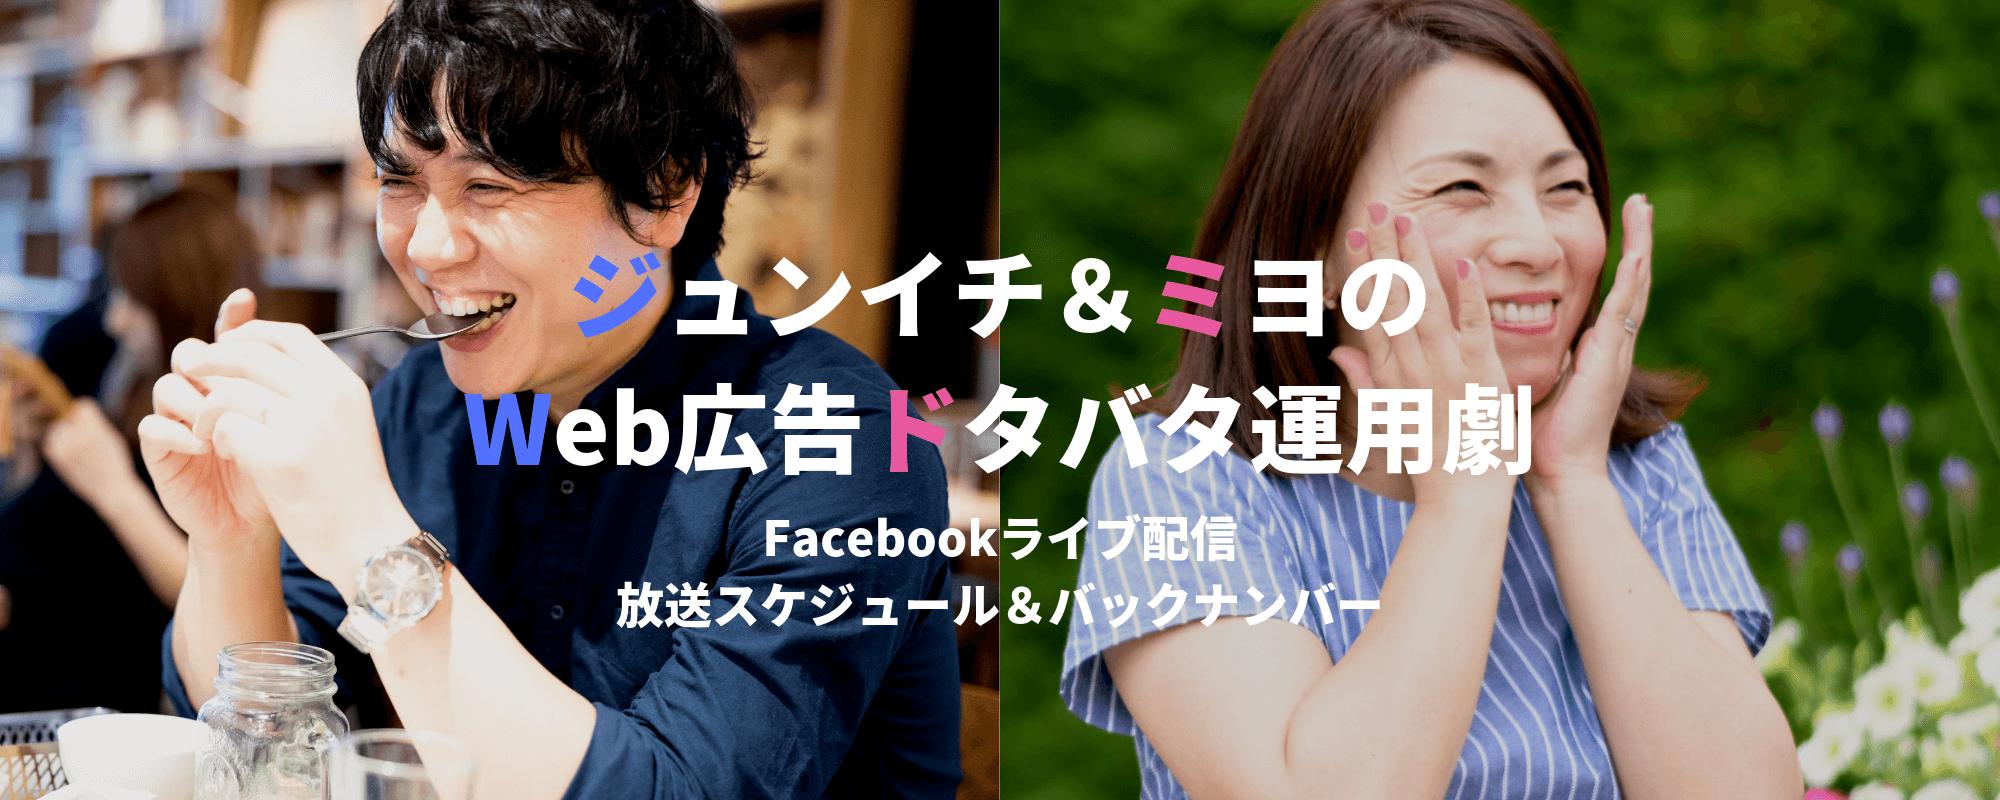 ジュンイチ&ミヨの Facebook広告ドタバタ運用劇